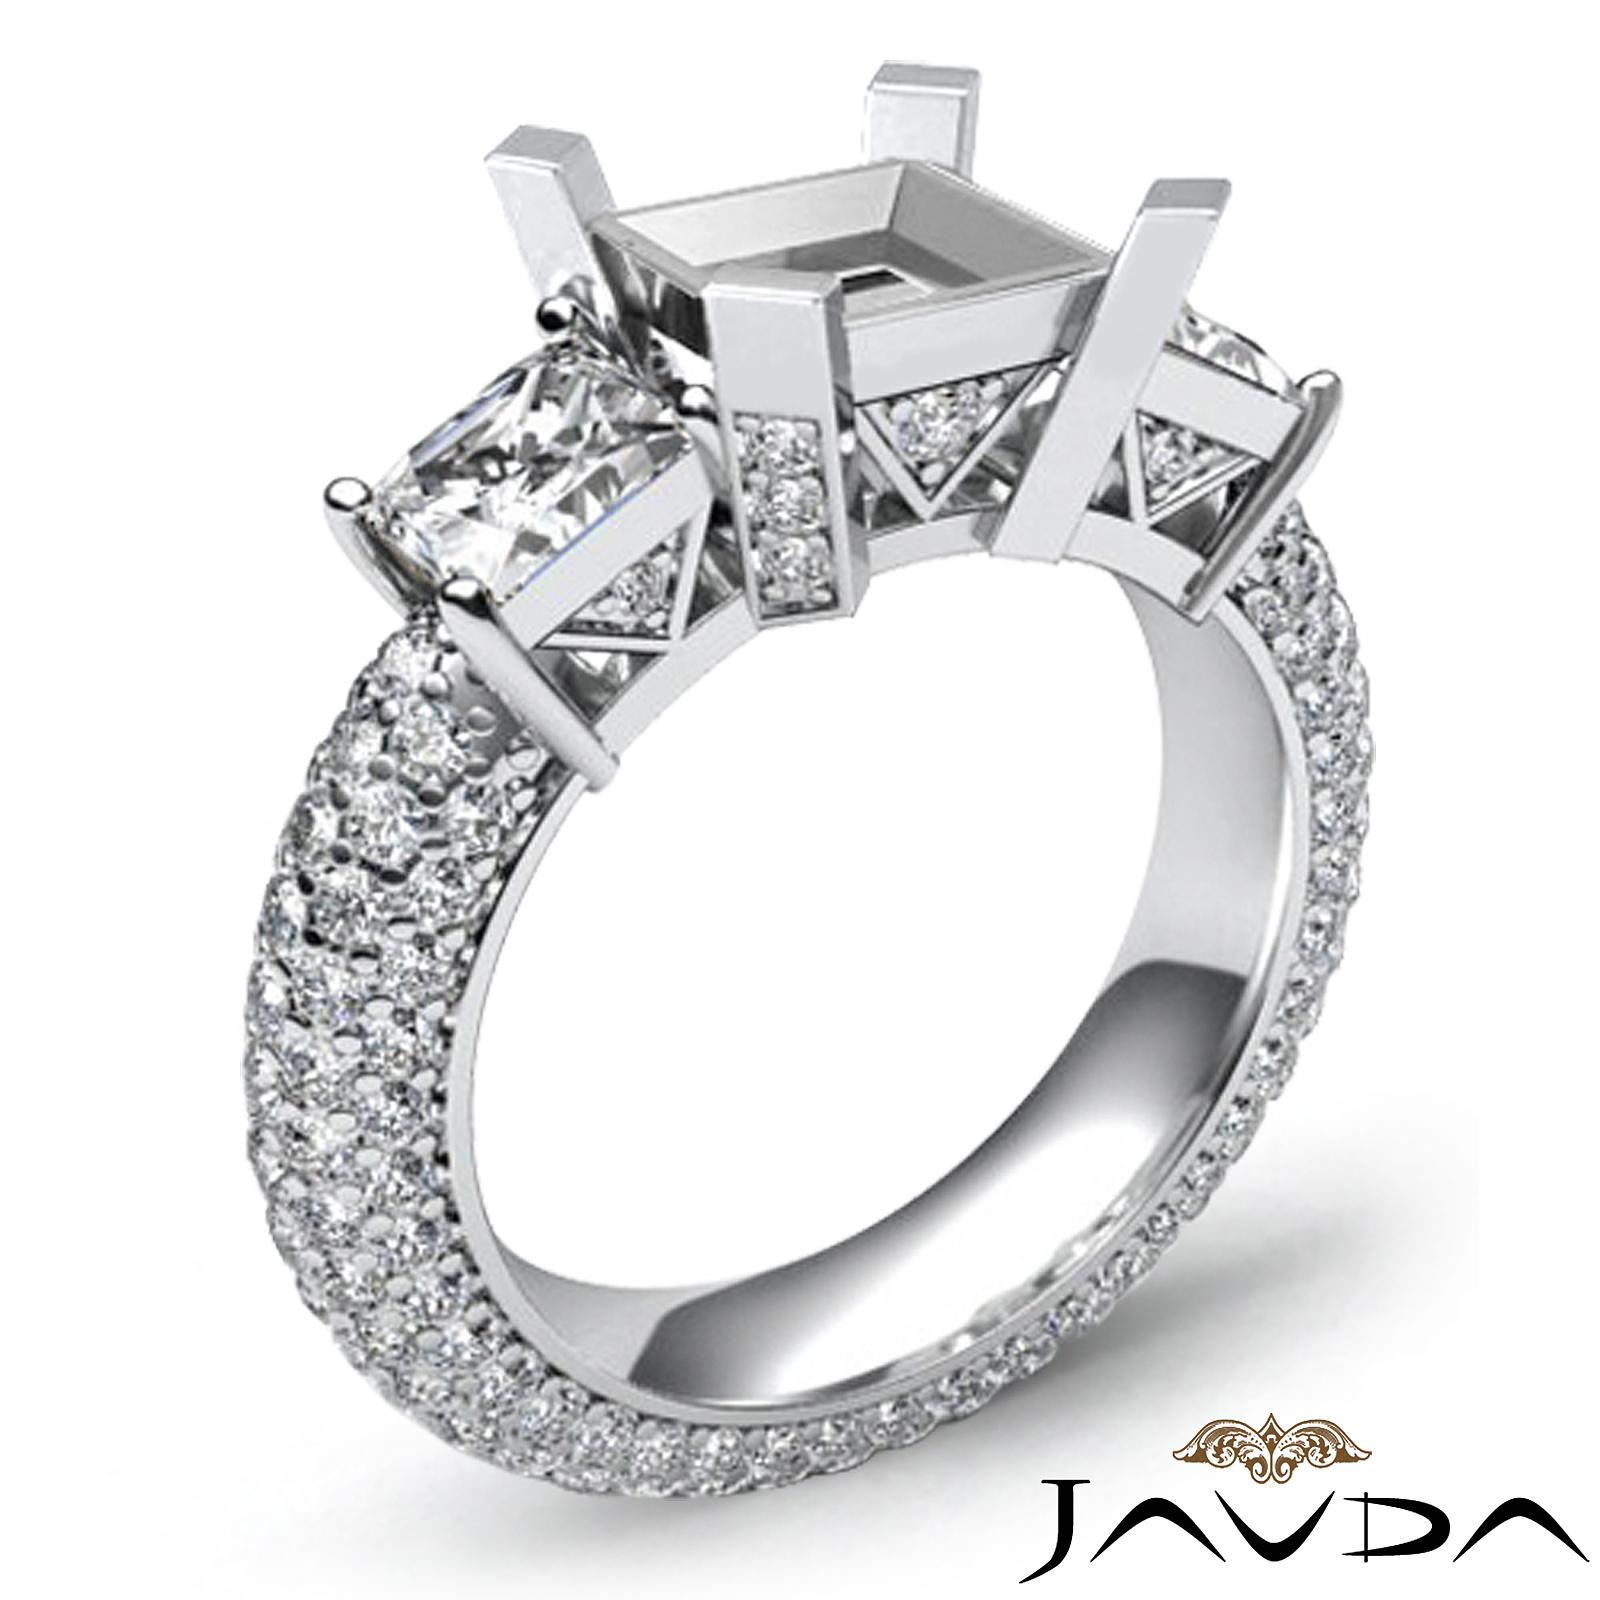 Stones Platinum: Three 3 Stone Princess Diamond Wedding Eternity Ring